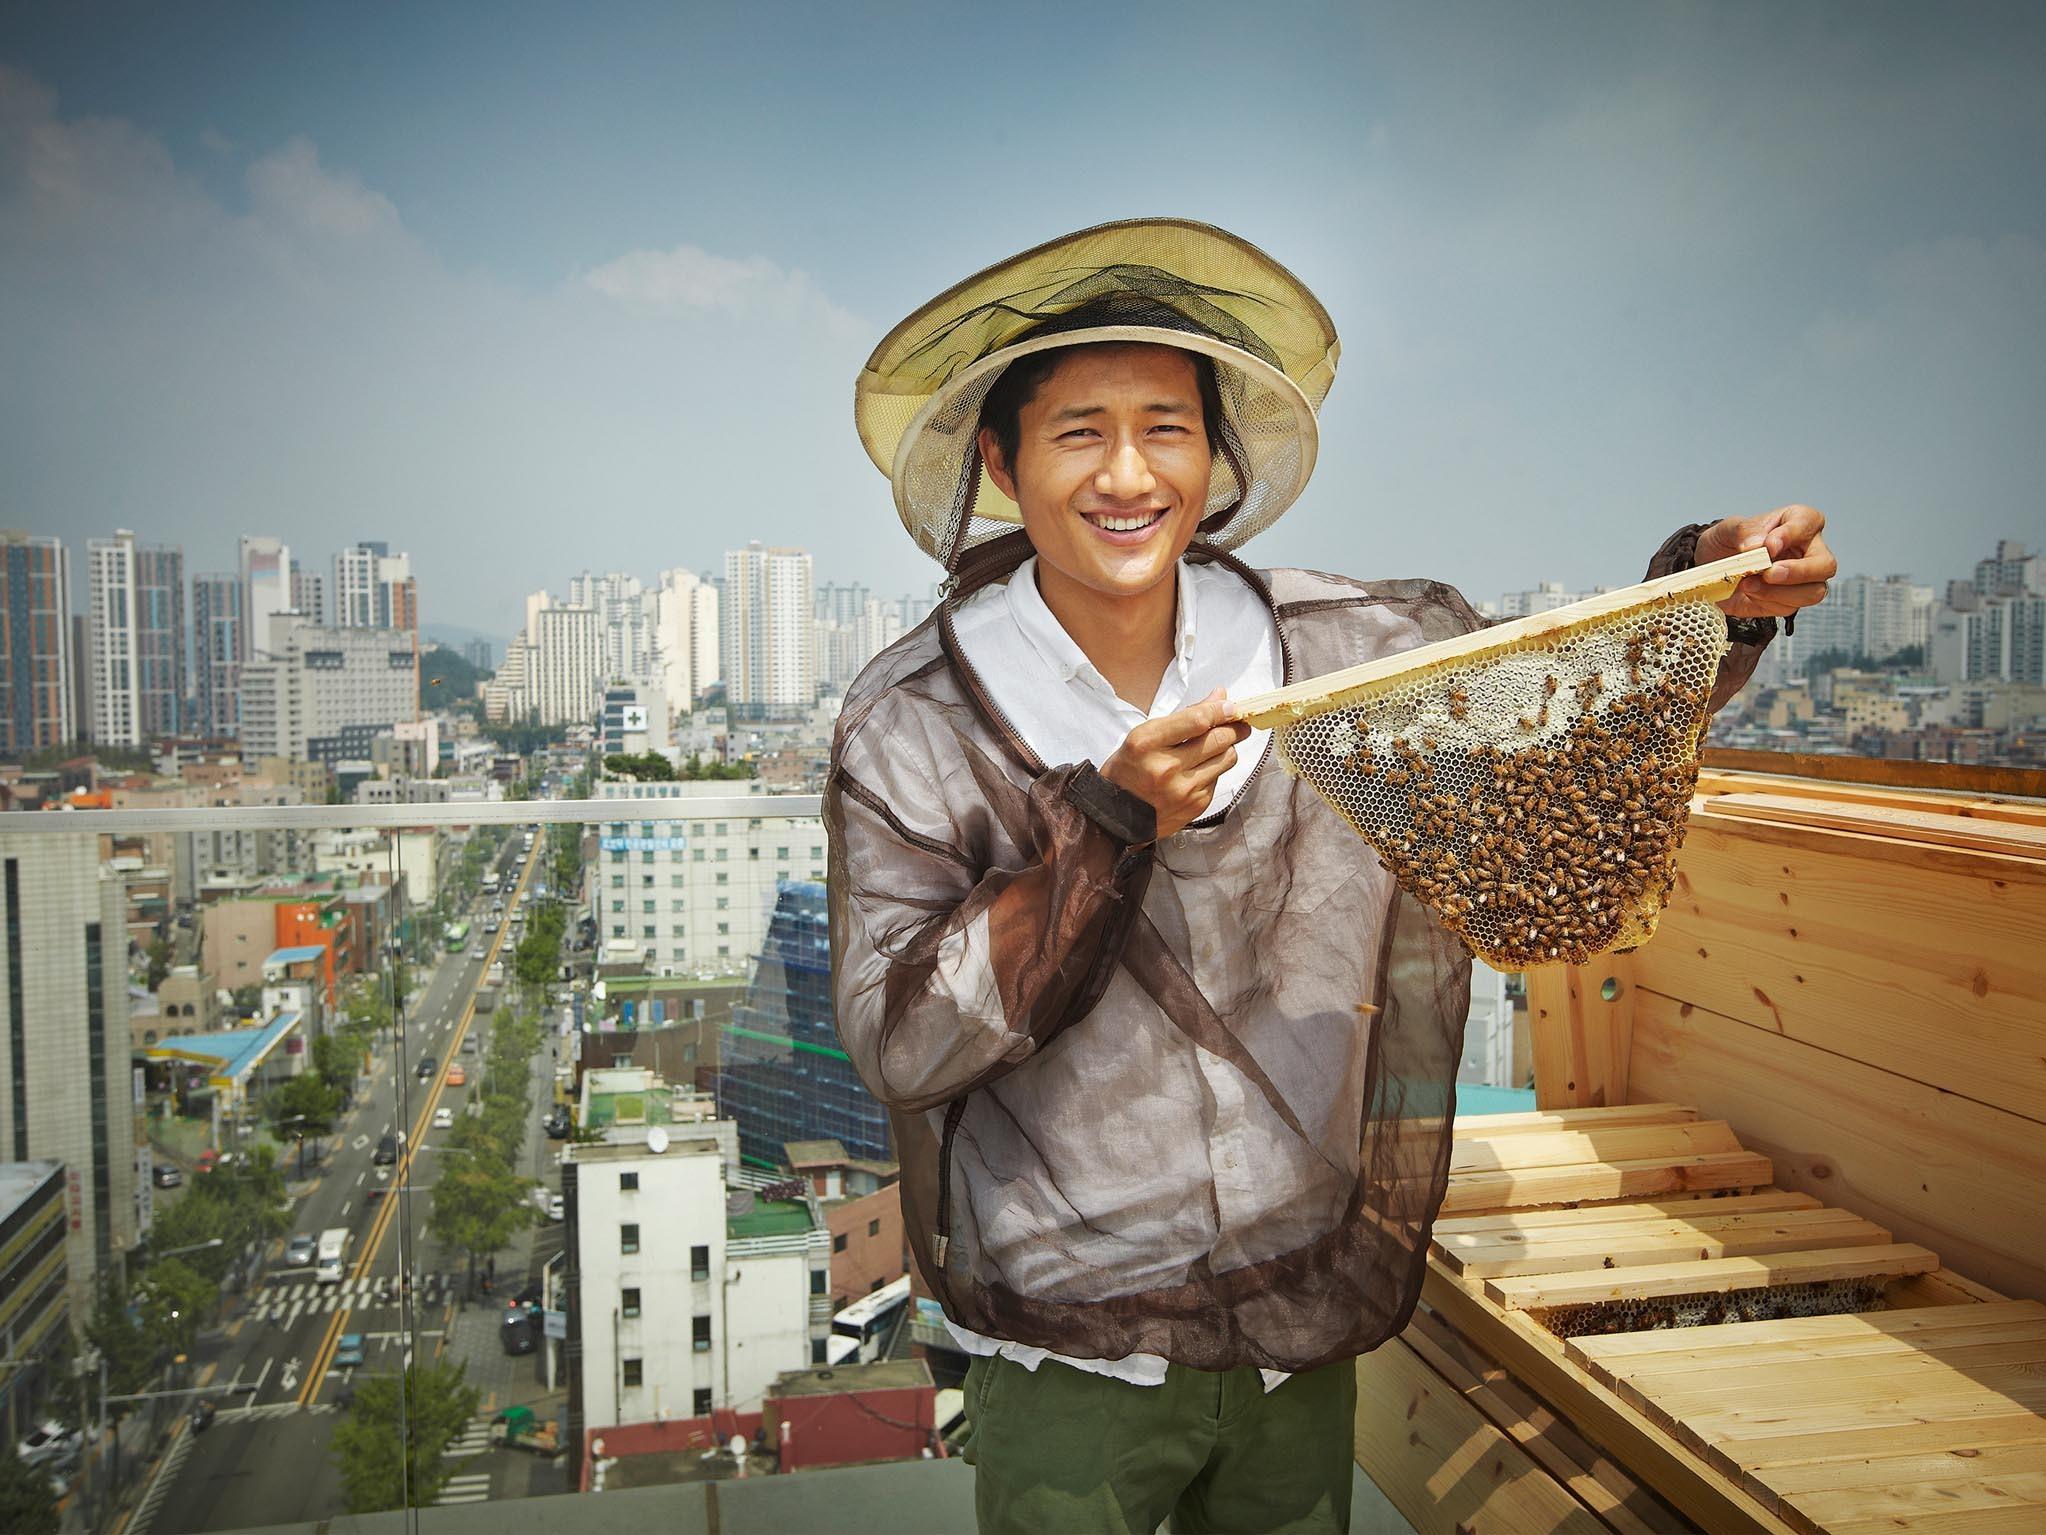 서울 옥상에서 꿀벌을 키우다,  어반비즈서울